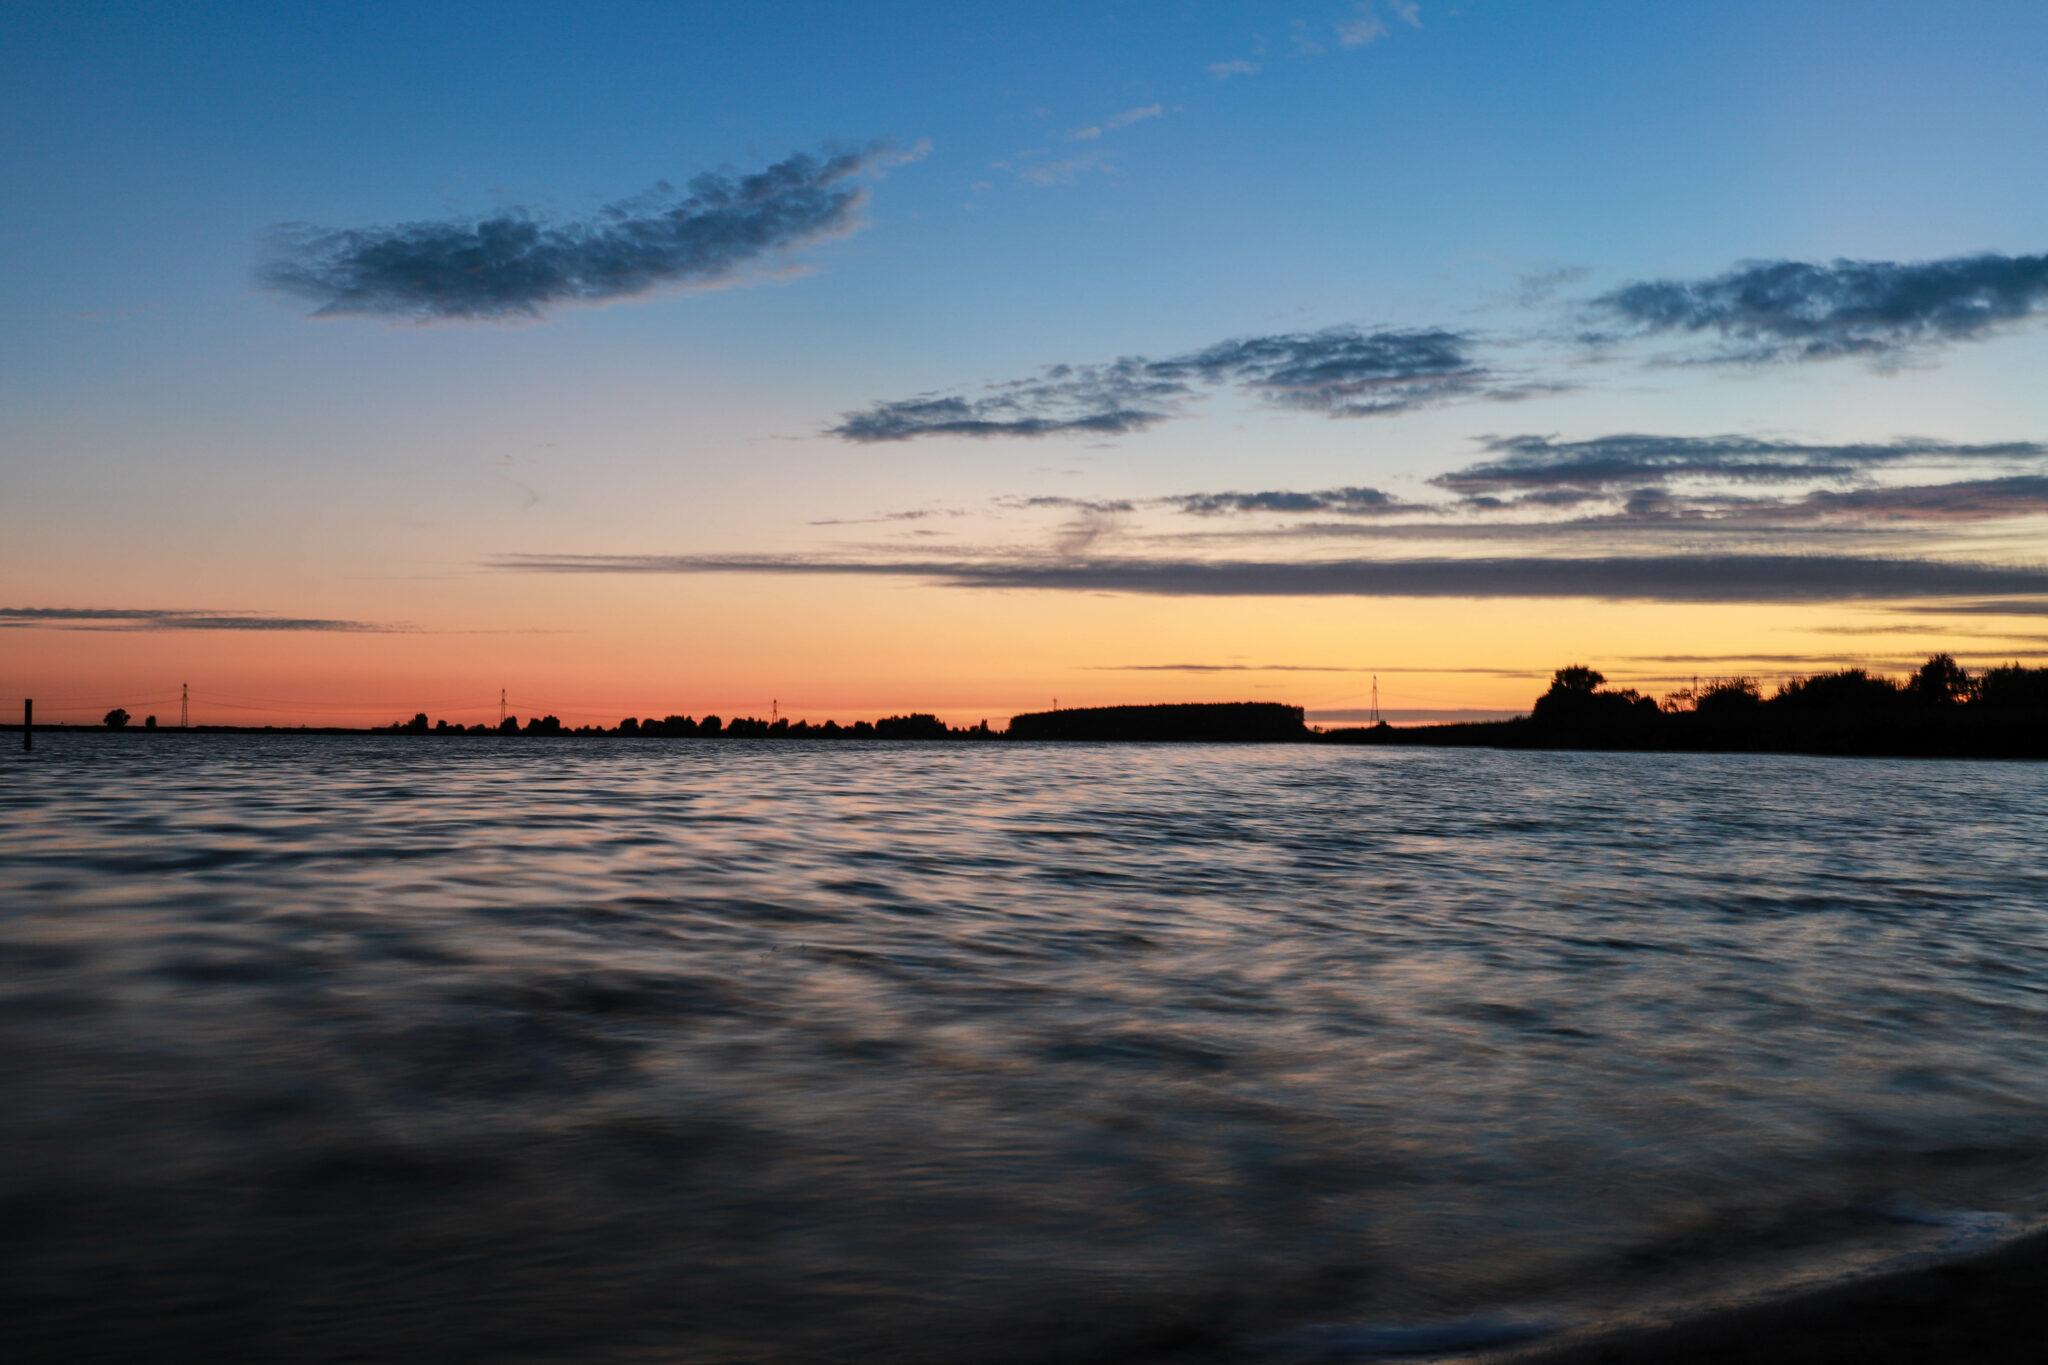 z ijd bergen op zoom Zonsondergang zon water binnenschelde rode lucht meer